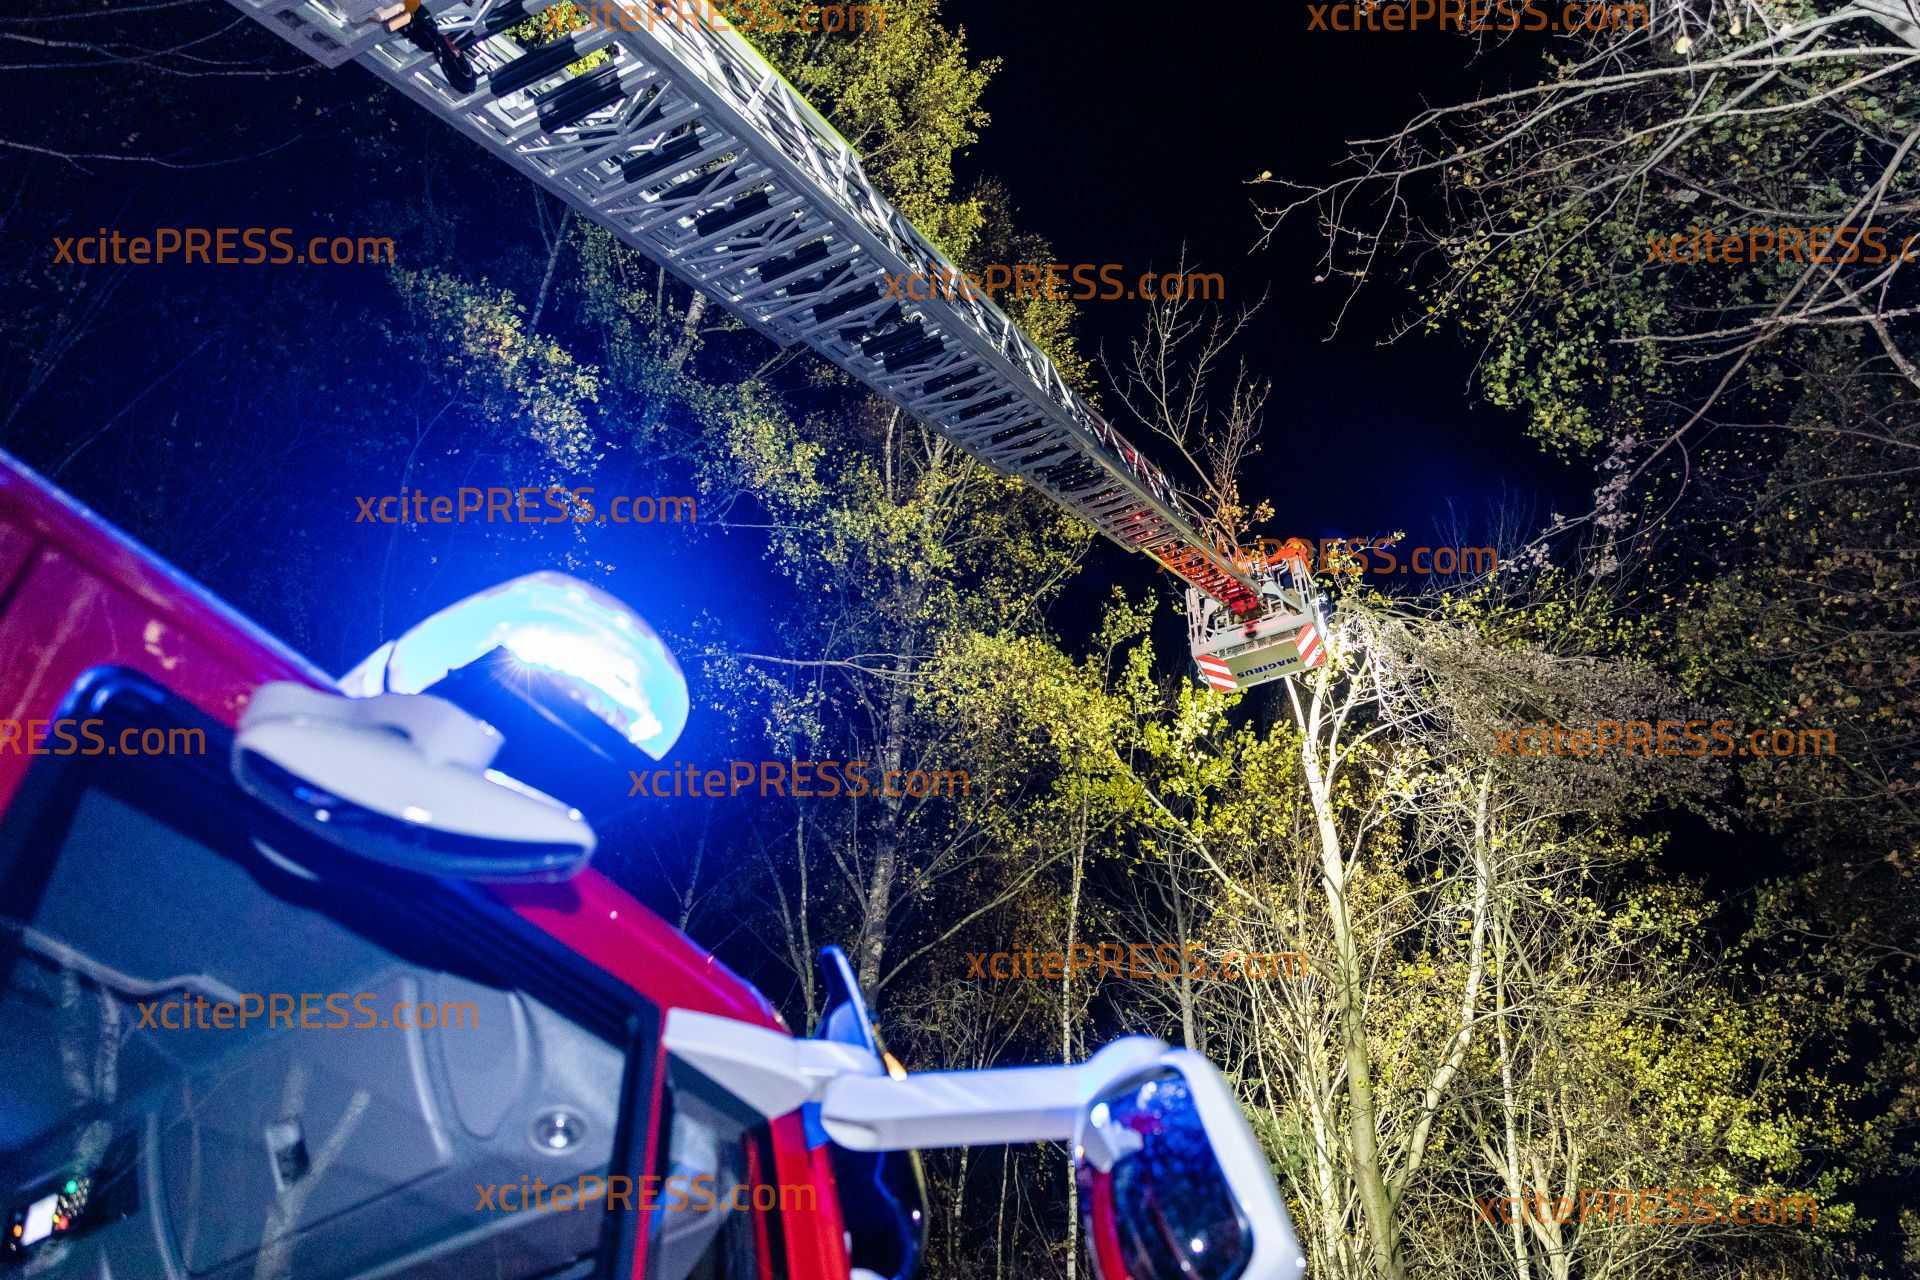 Kräftiger Herbstwind führt zu Feuerwehreinsatz: Teil von Baumkrone bricht ab und droht auf die Straße zu fallen